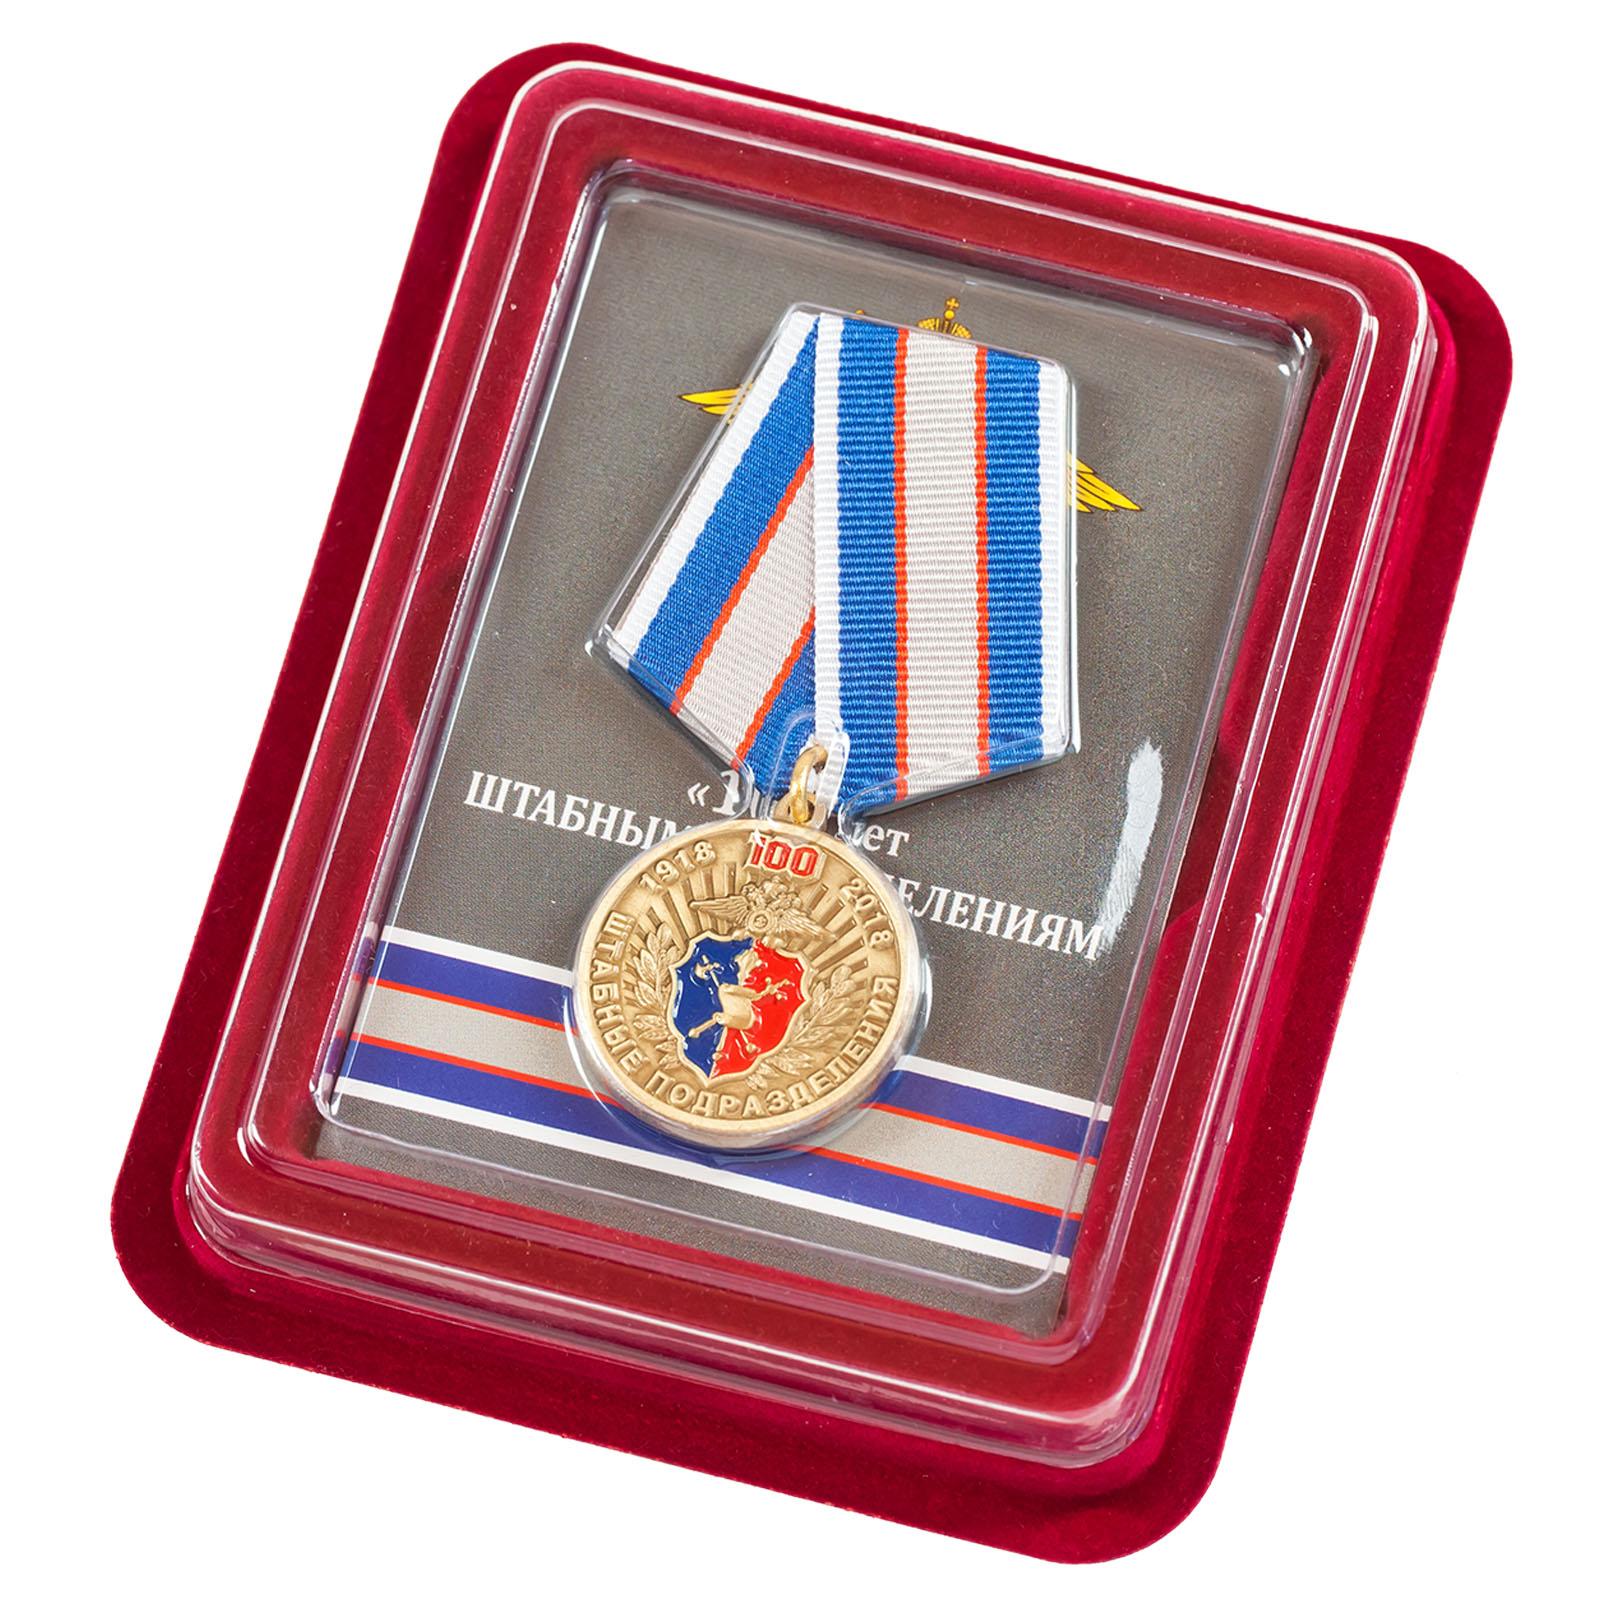 """Медаль """"100 лет Штабным подразделениям МВД"""" в футляре"""